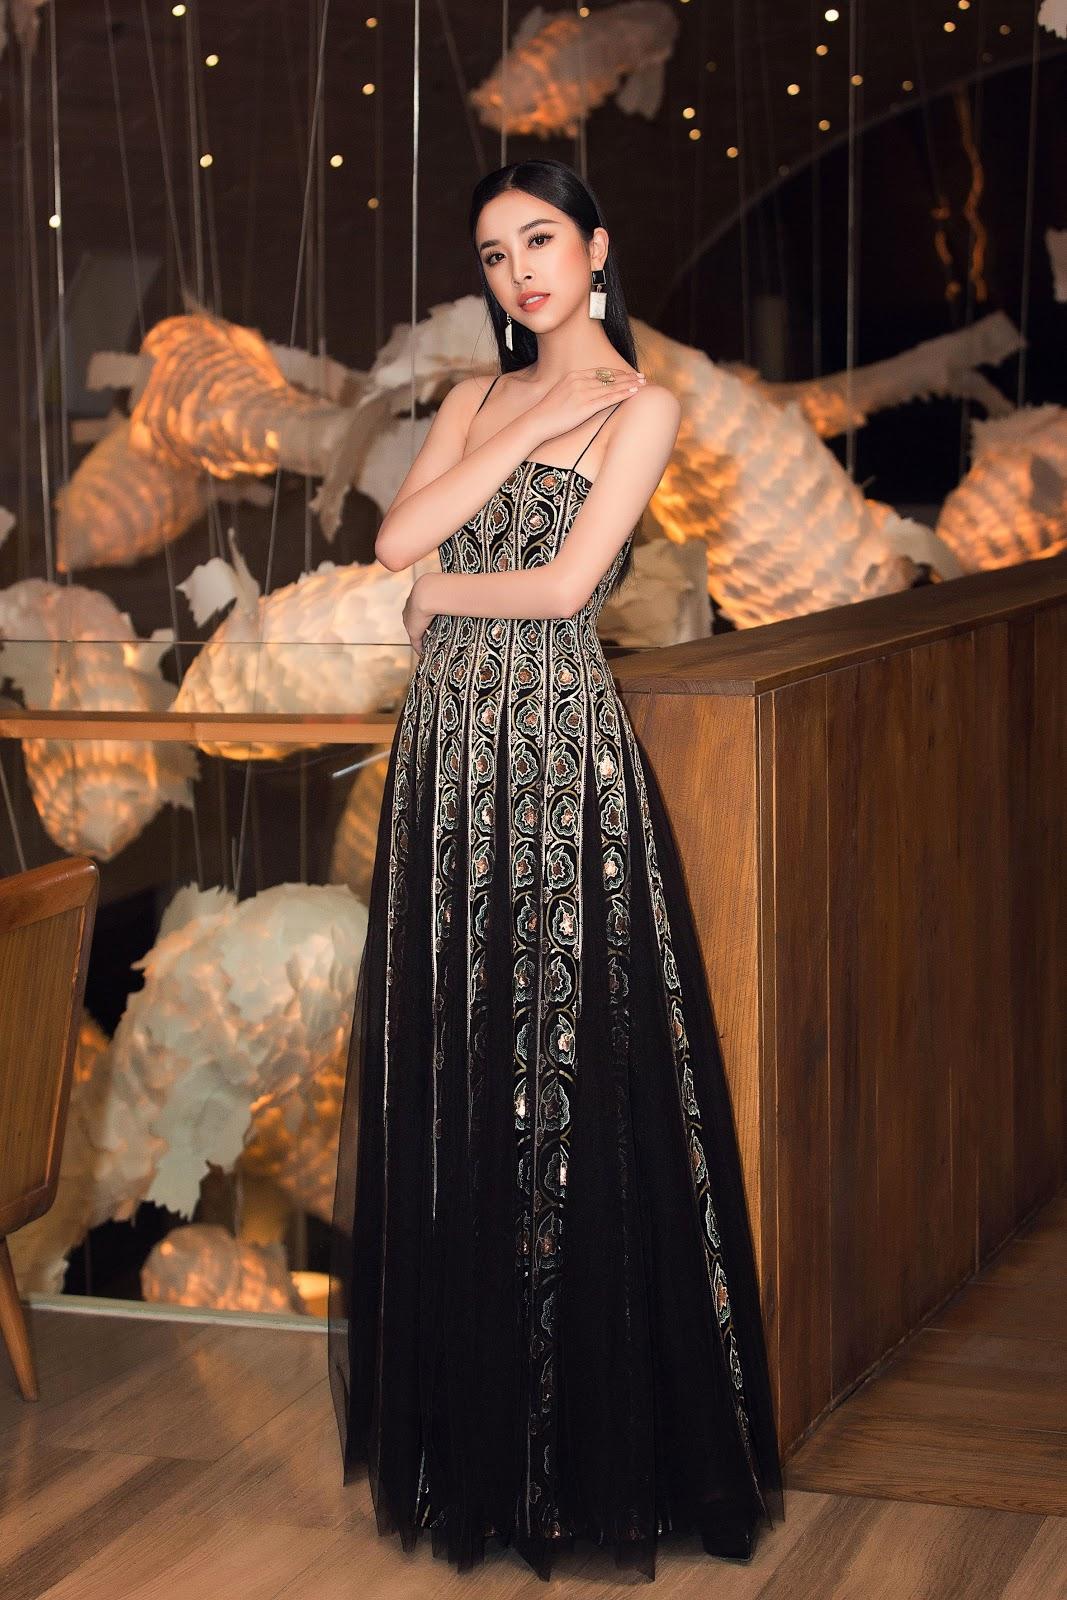 Hoa hậu Tiểu Vy khoe vẻ đẹp truyền thống giữa rừng hoa showbiz - Hình 12